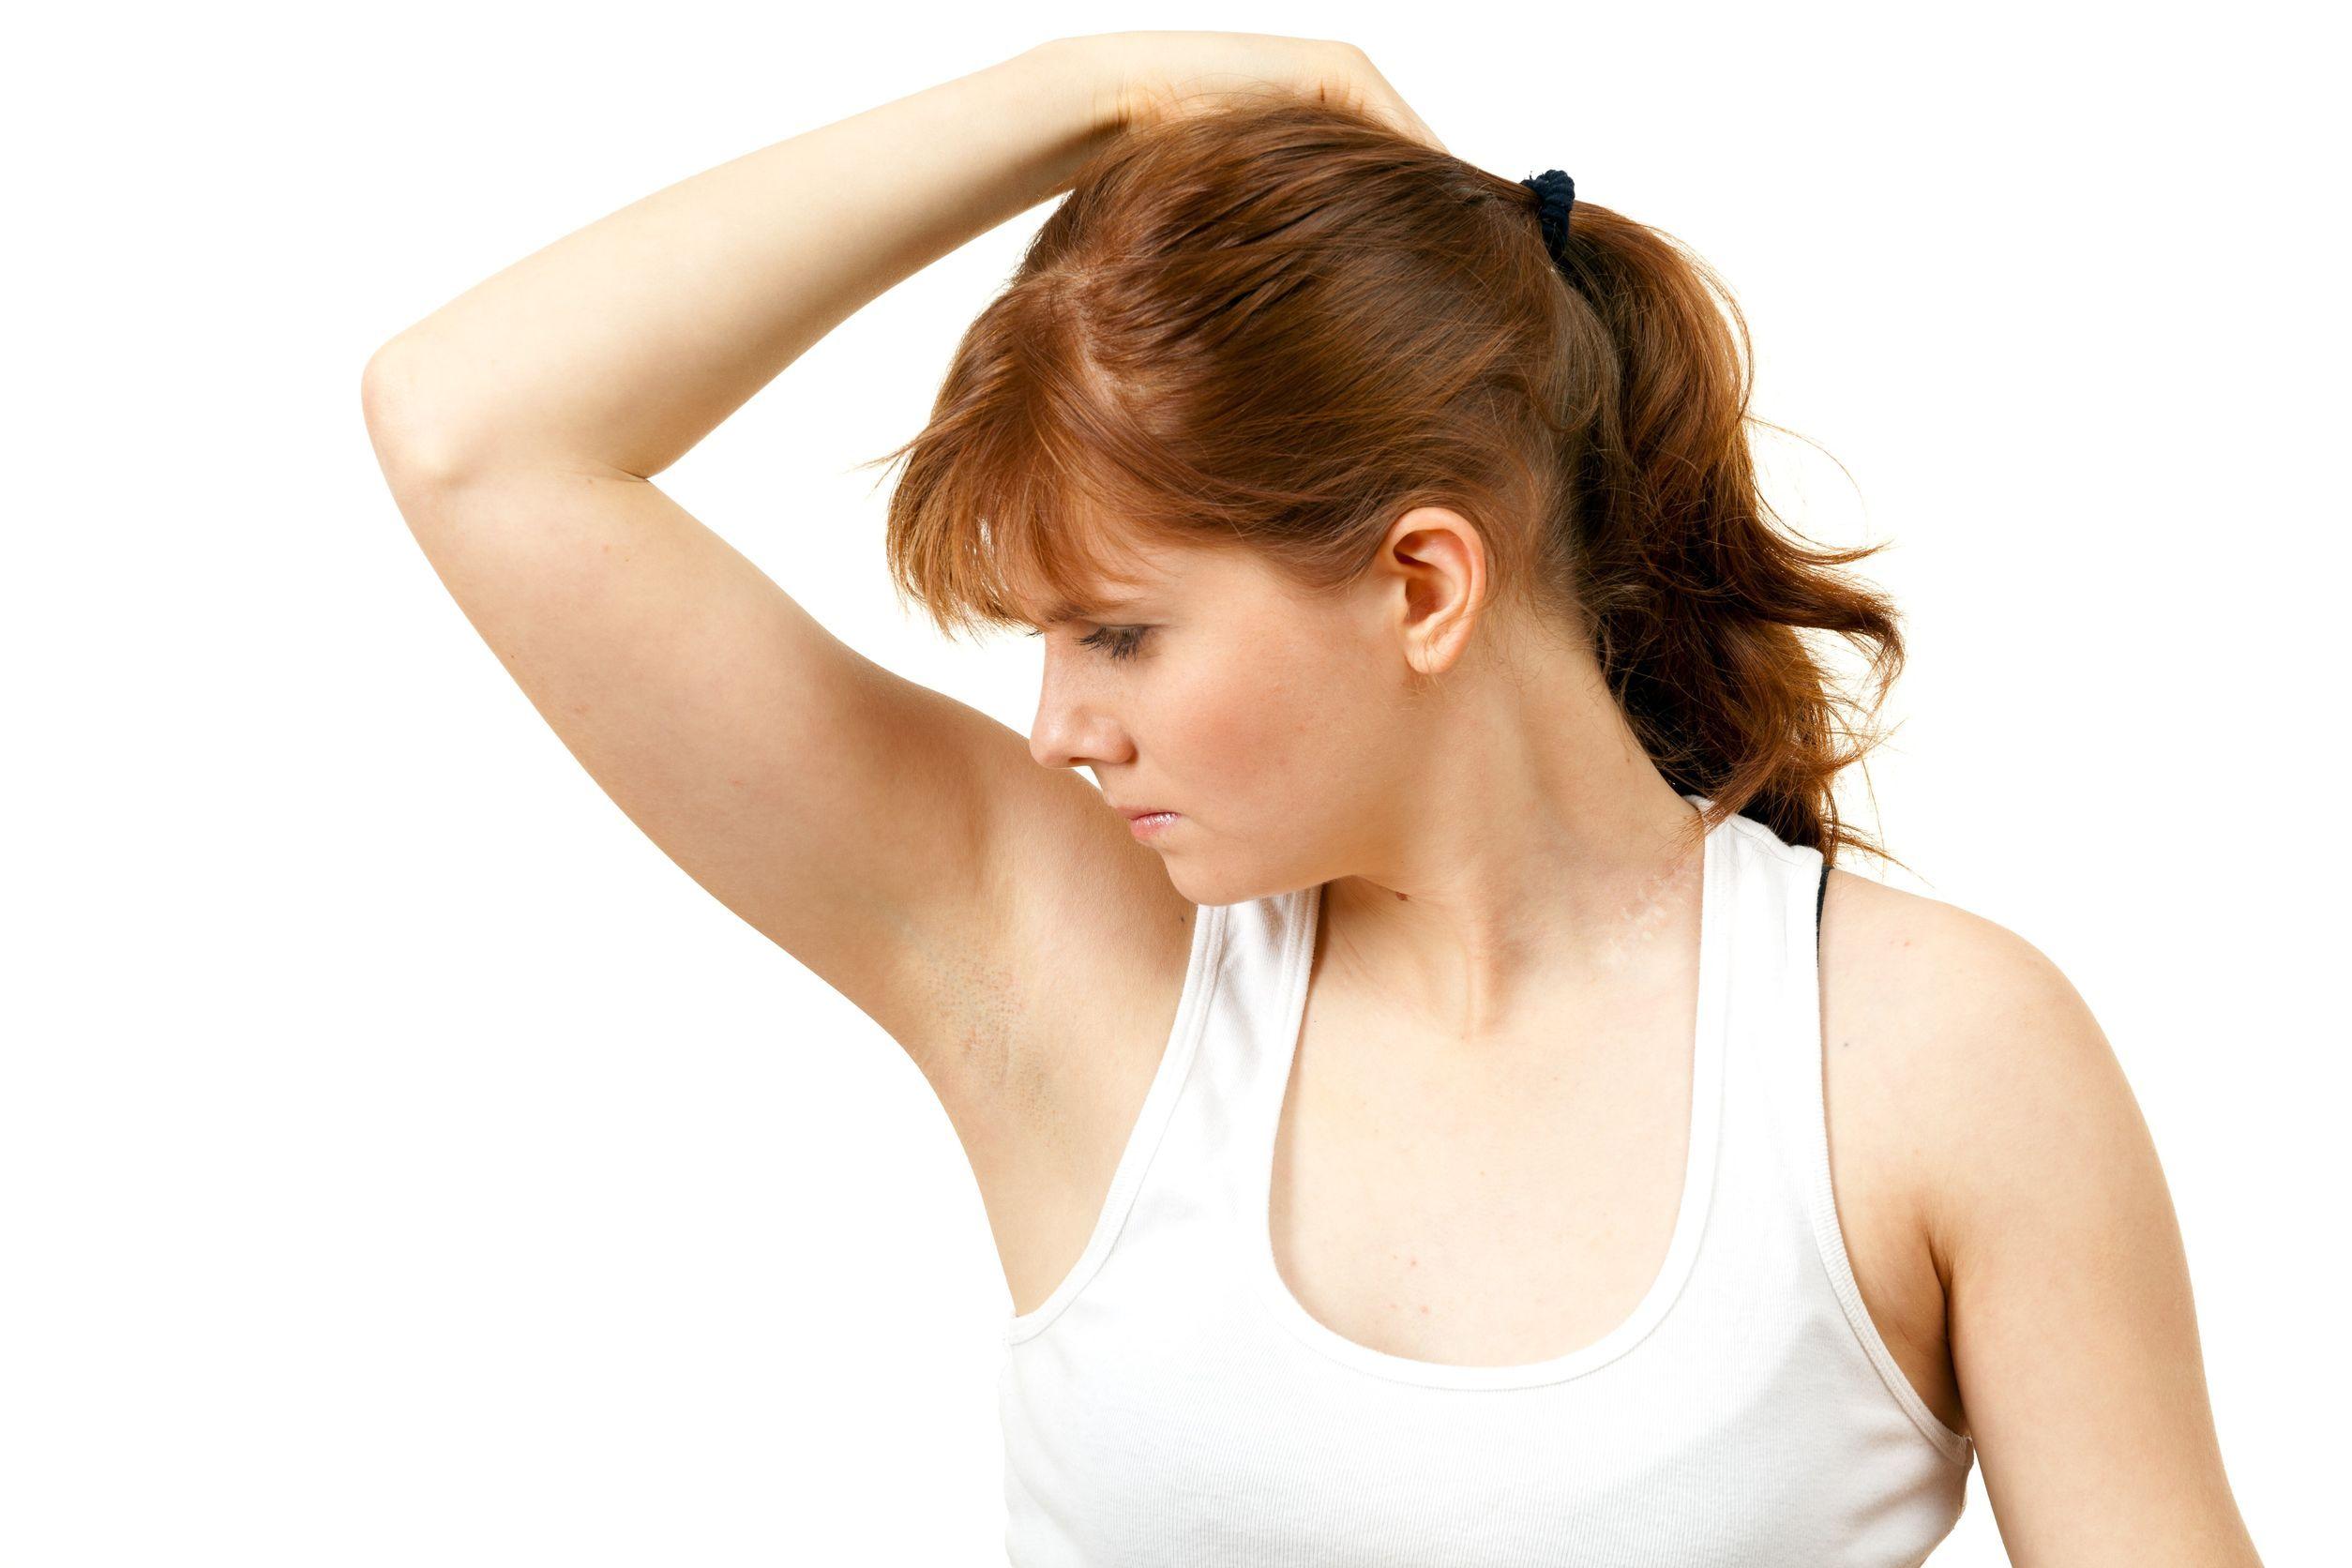 Cách khử mùi hôi nách tự nhiên hiệu quả tại nhà